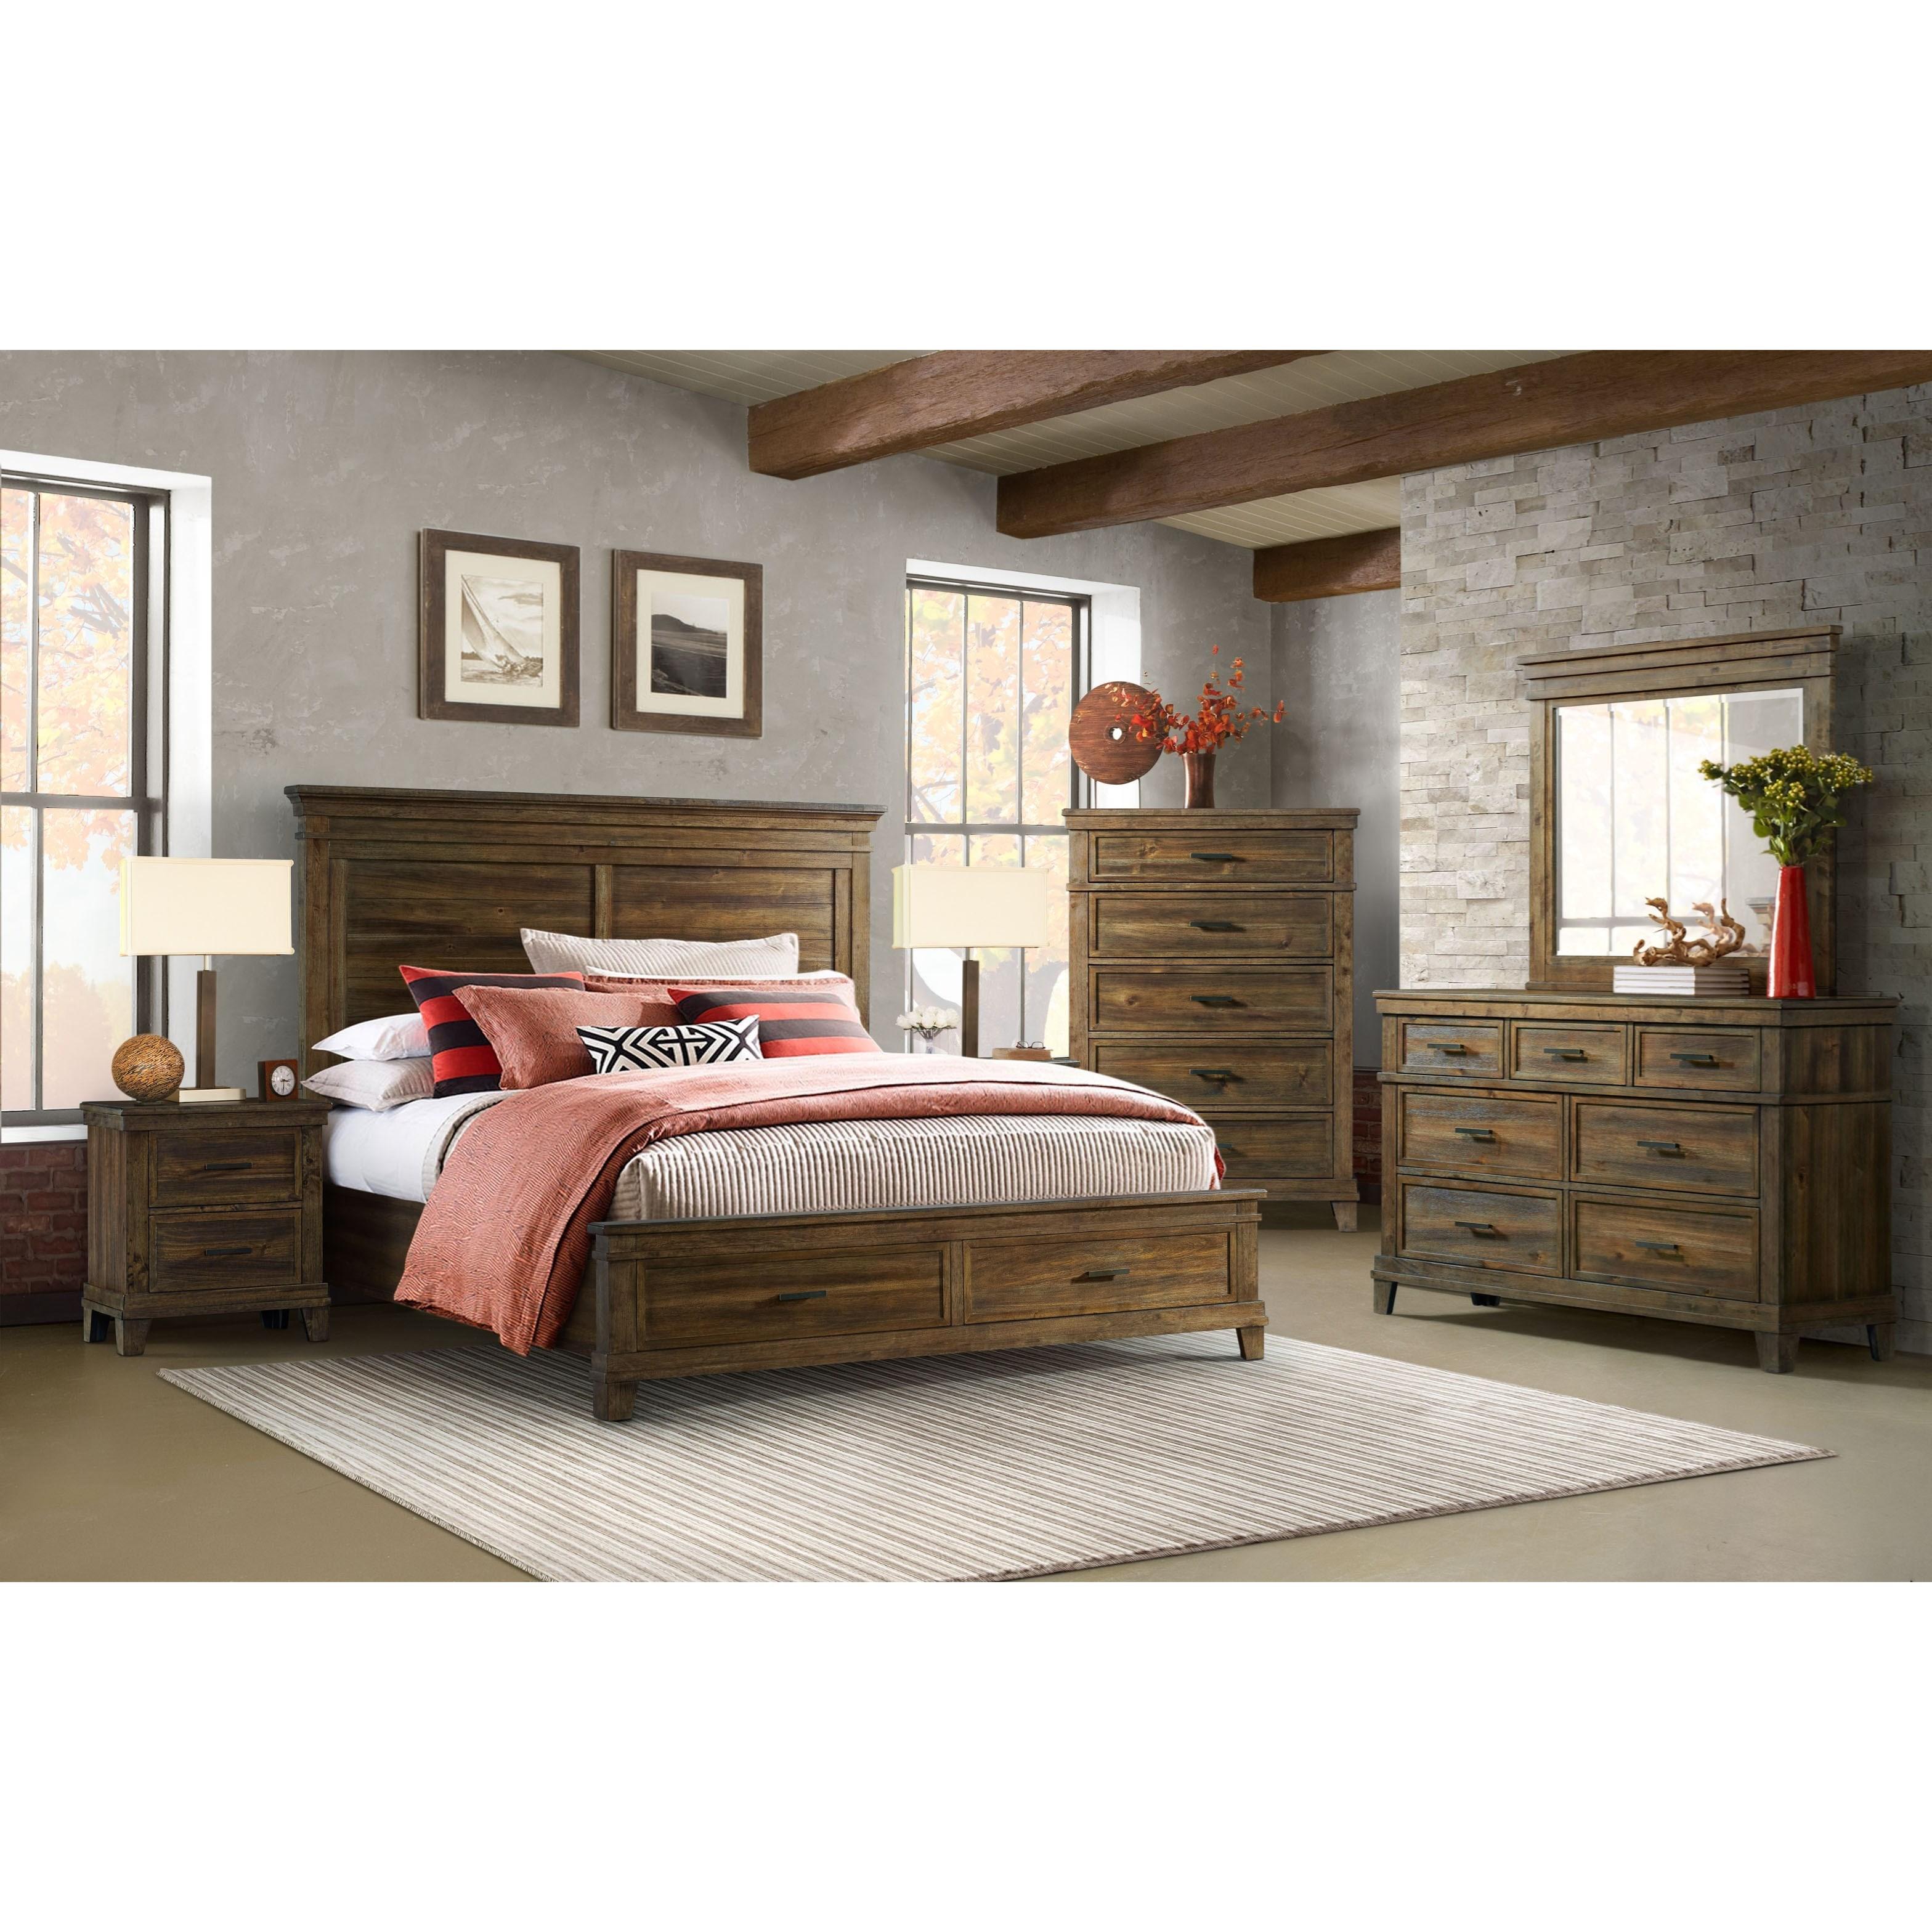 Salem King Bedroom Group at Sadler's Home Furnishings